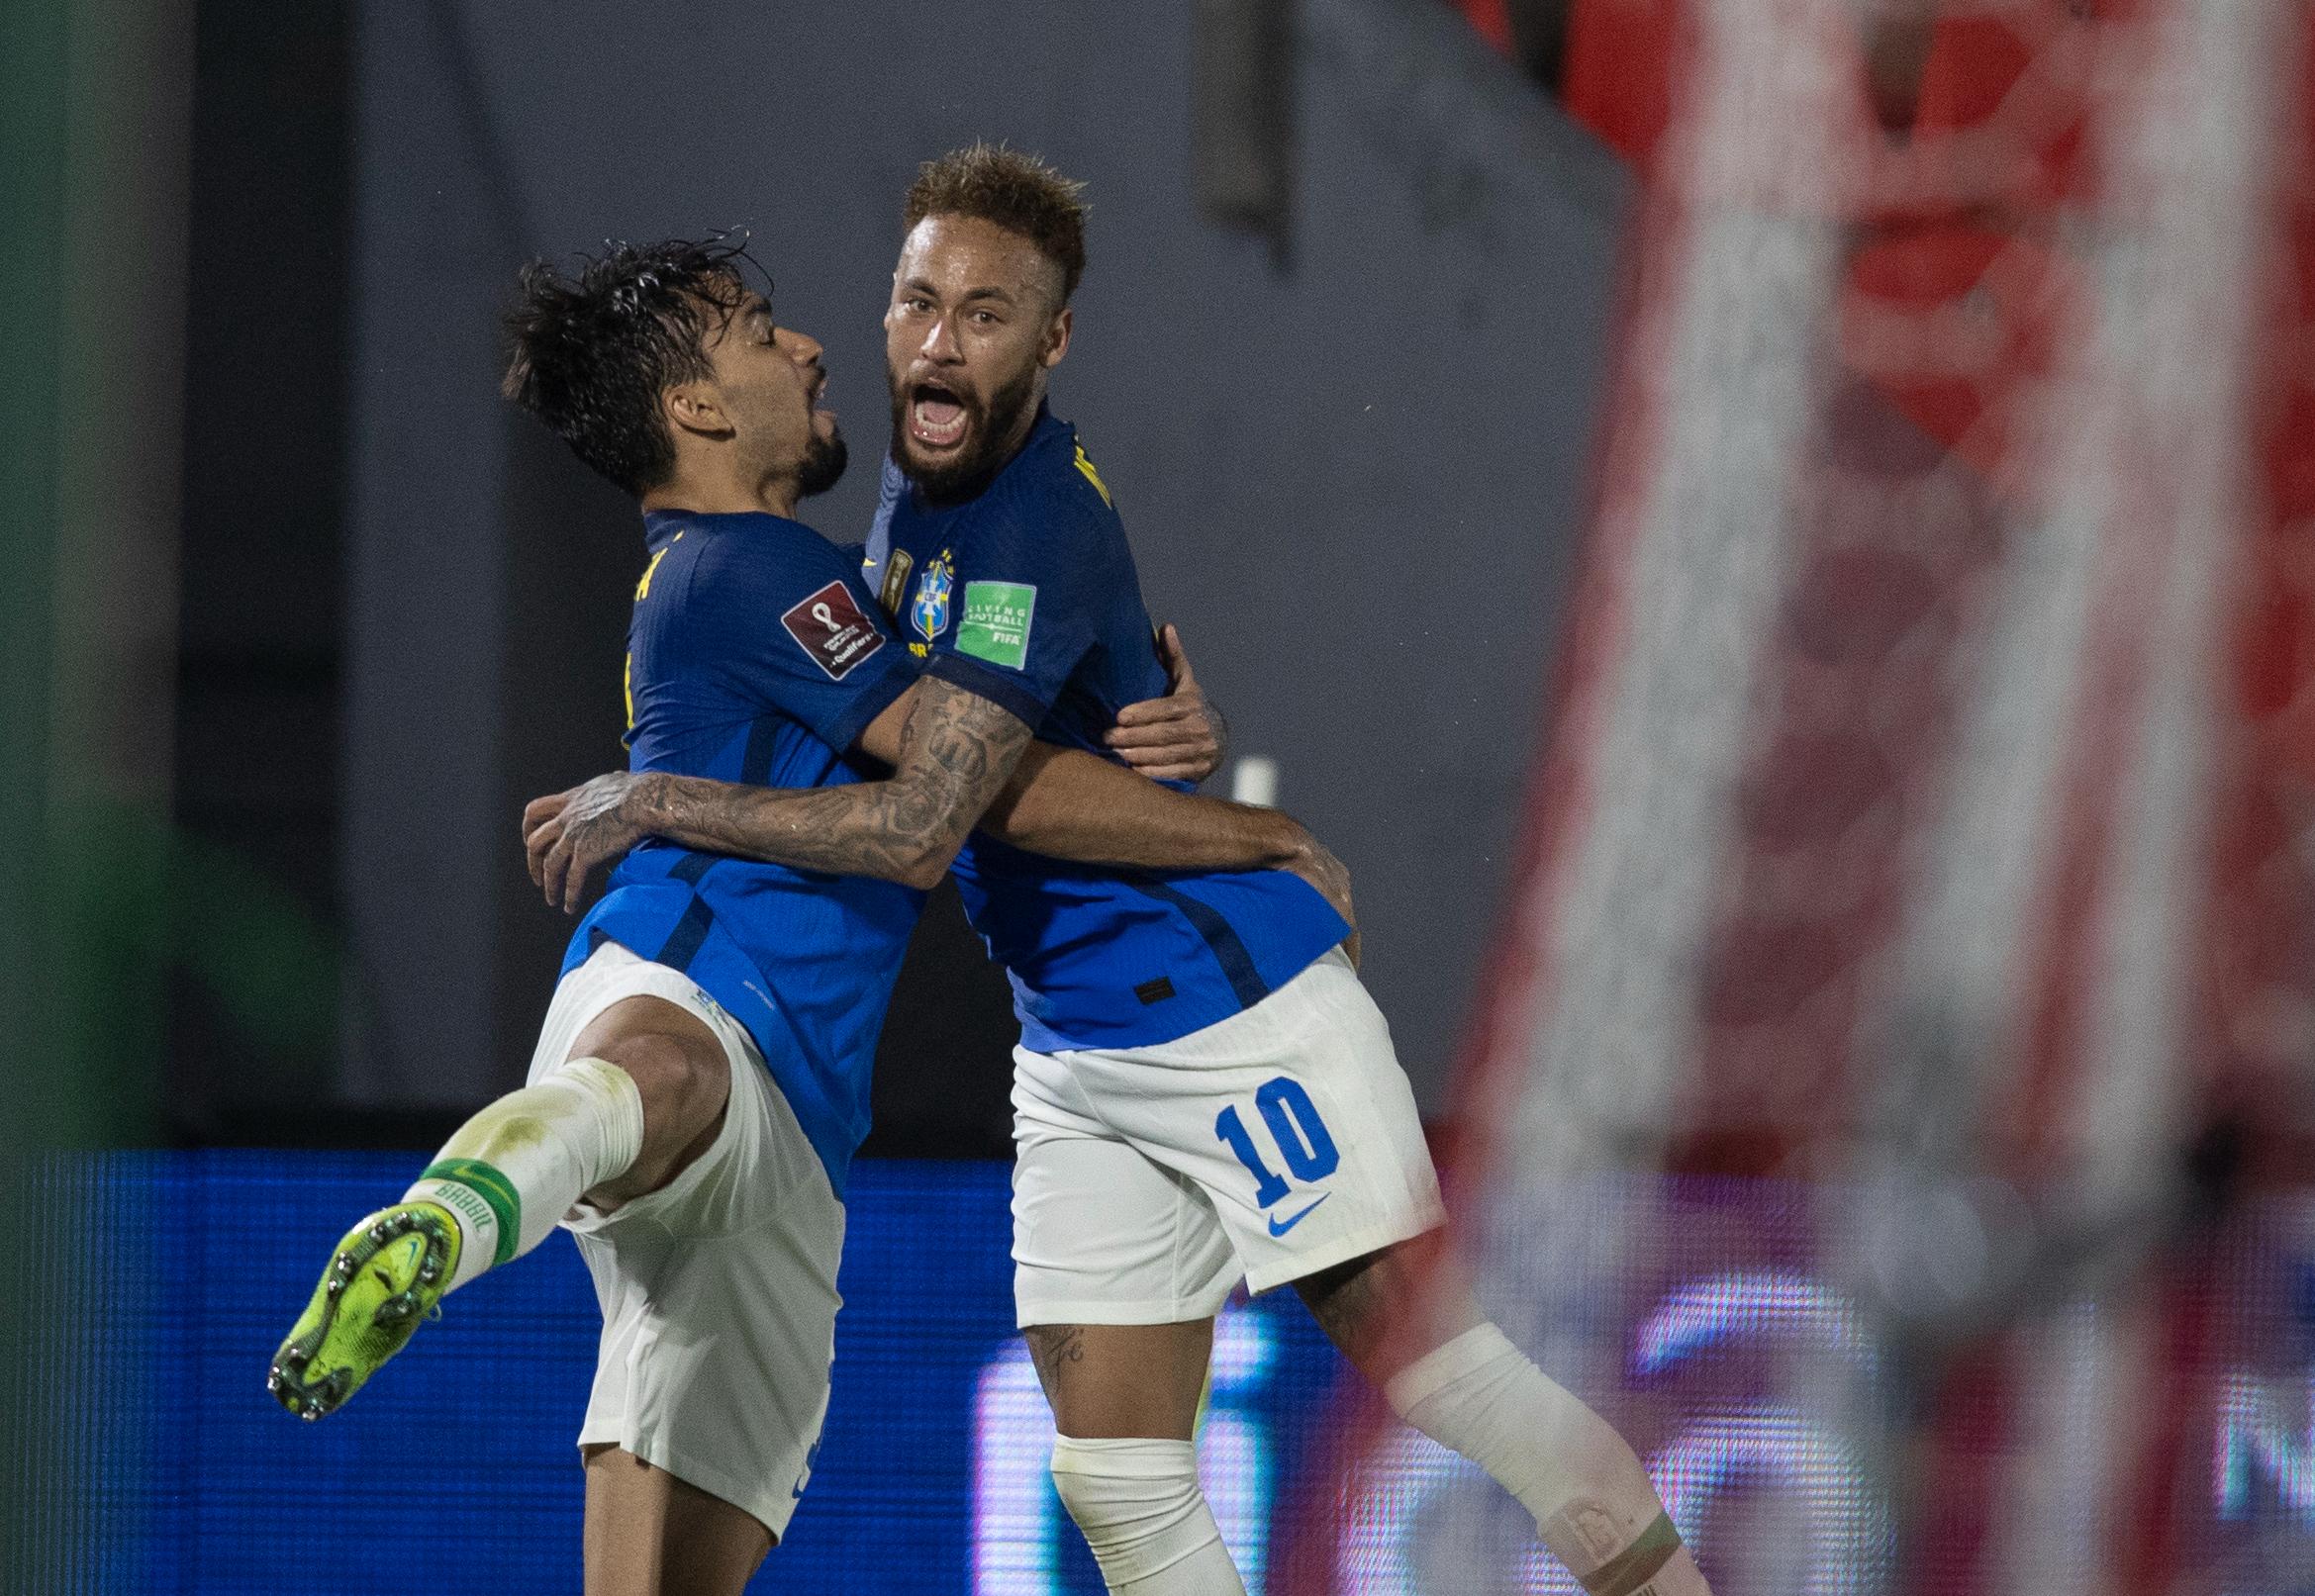 Seleção brasileira chega a São Paulo após vitória e manifesto